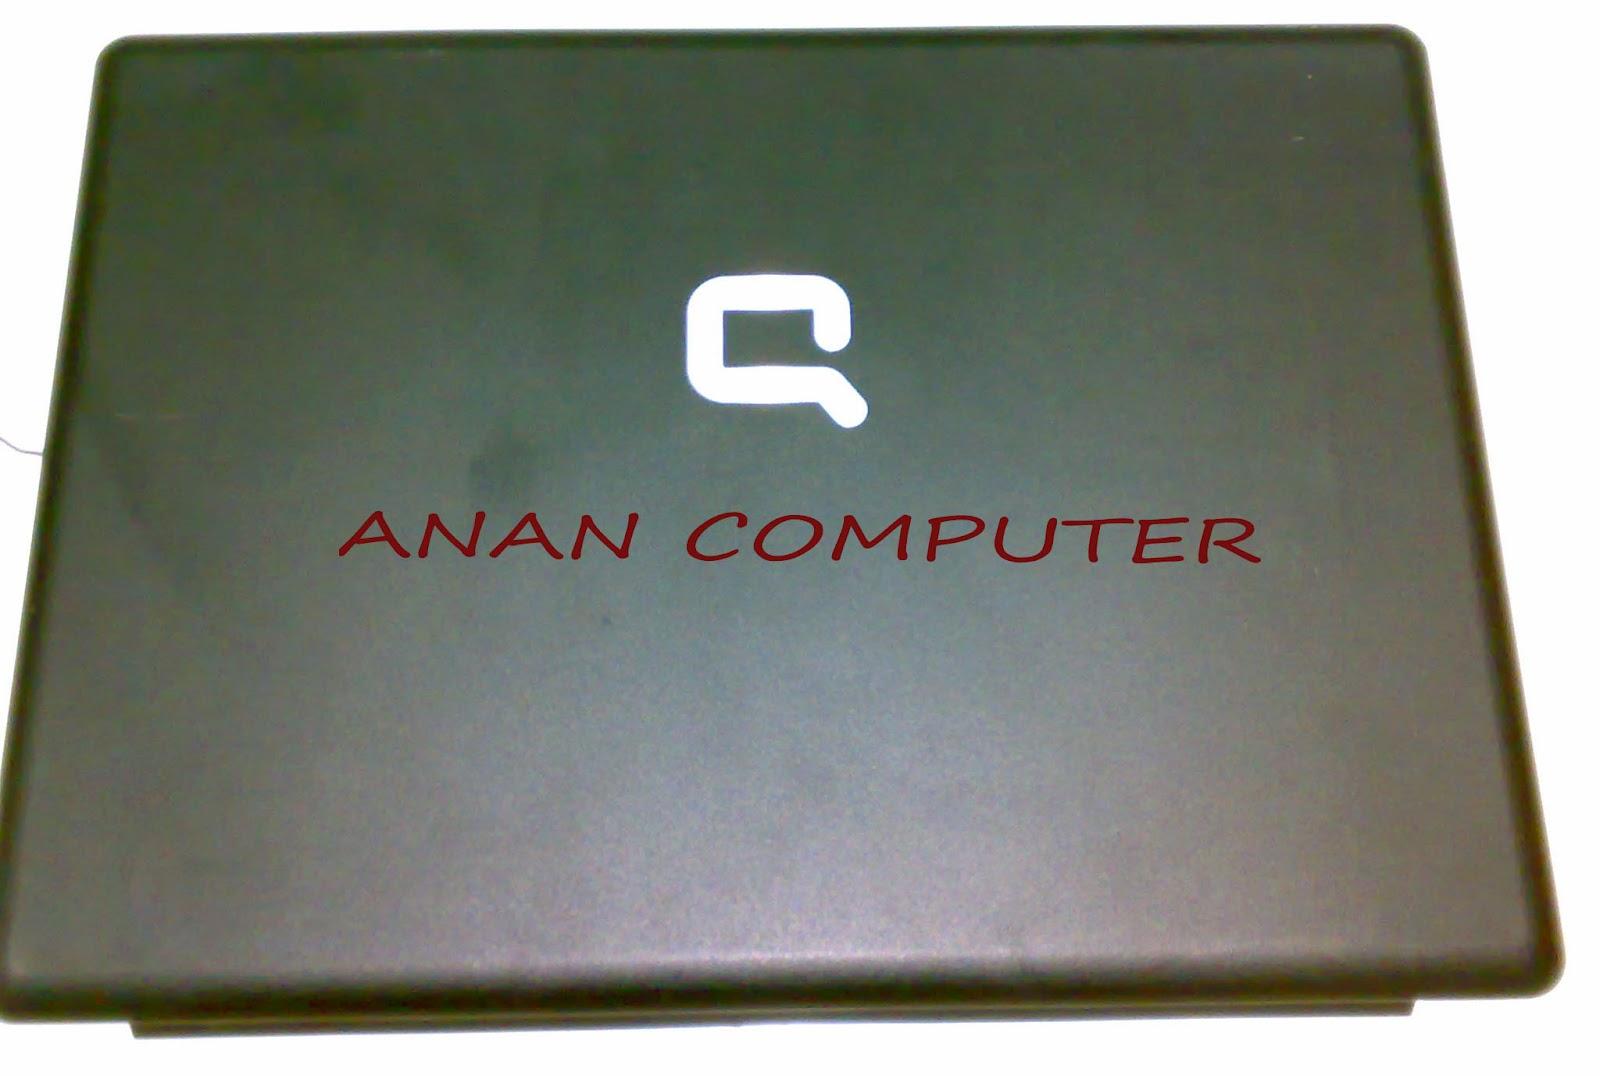 Anan Computer Johor Bahru: 2012